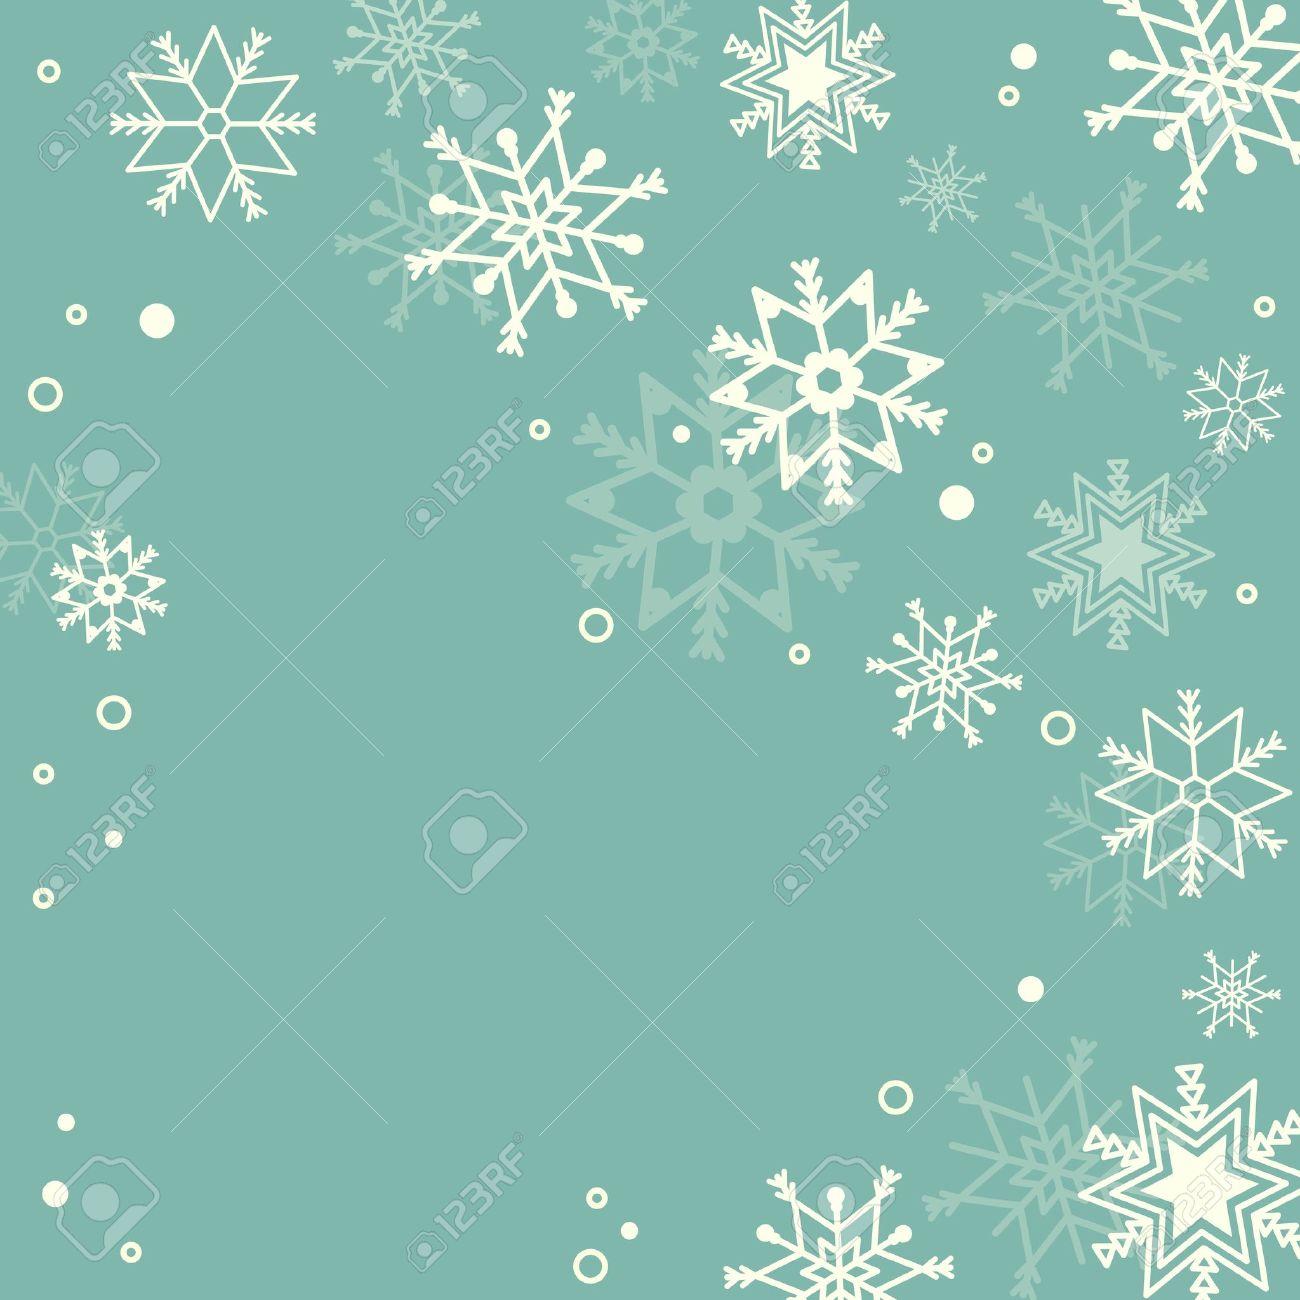 Subtle snowflakes pastel background - 17150480